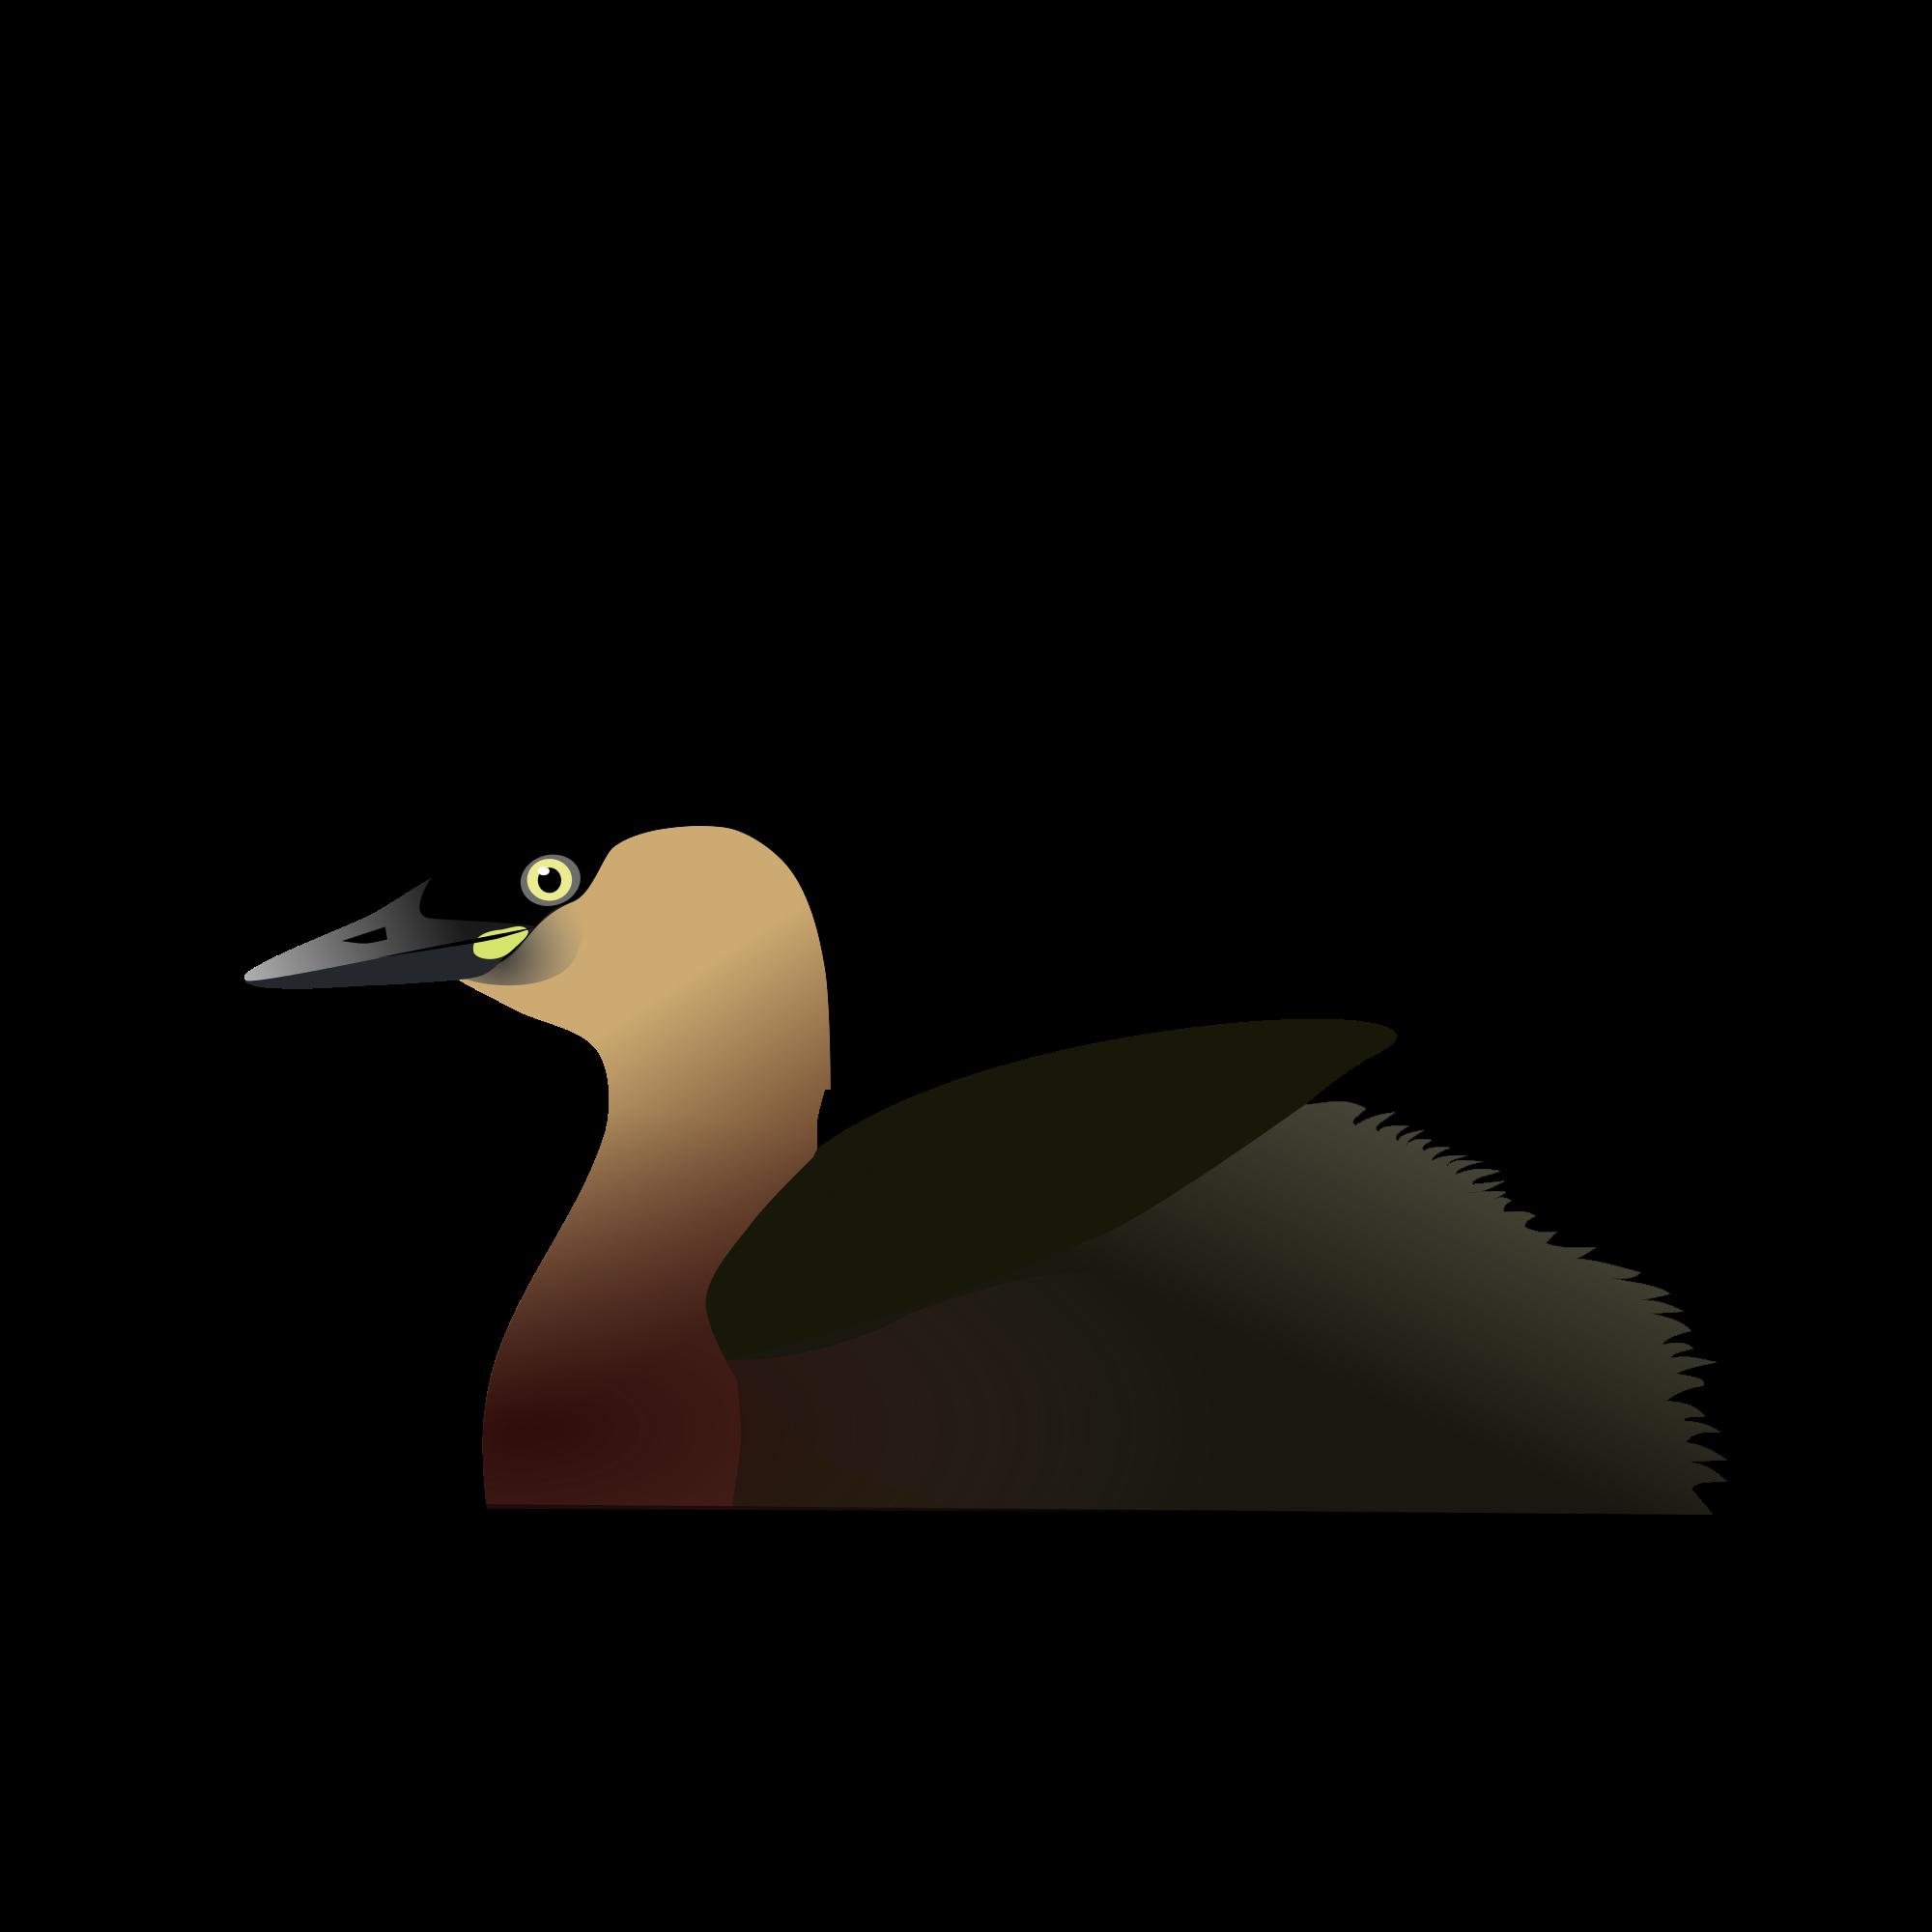 Beak svg #5, Download drawings